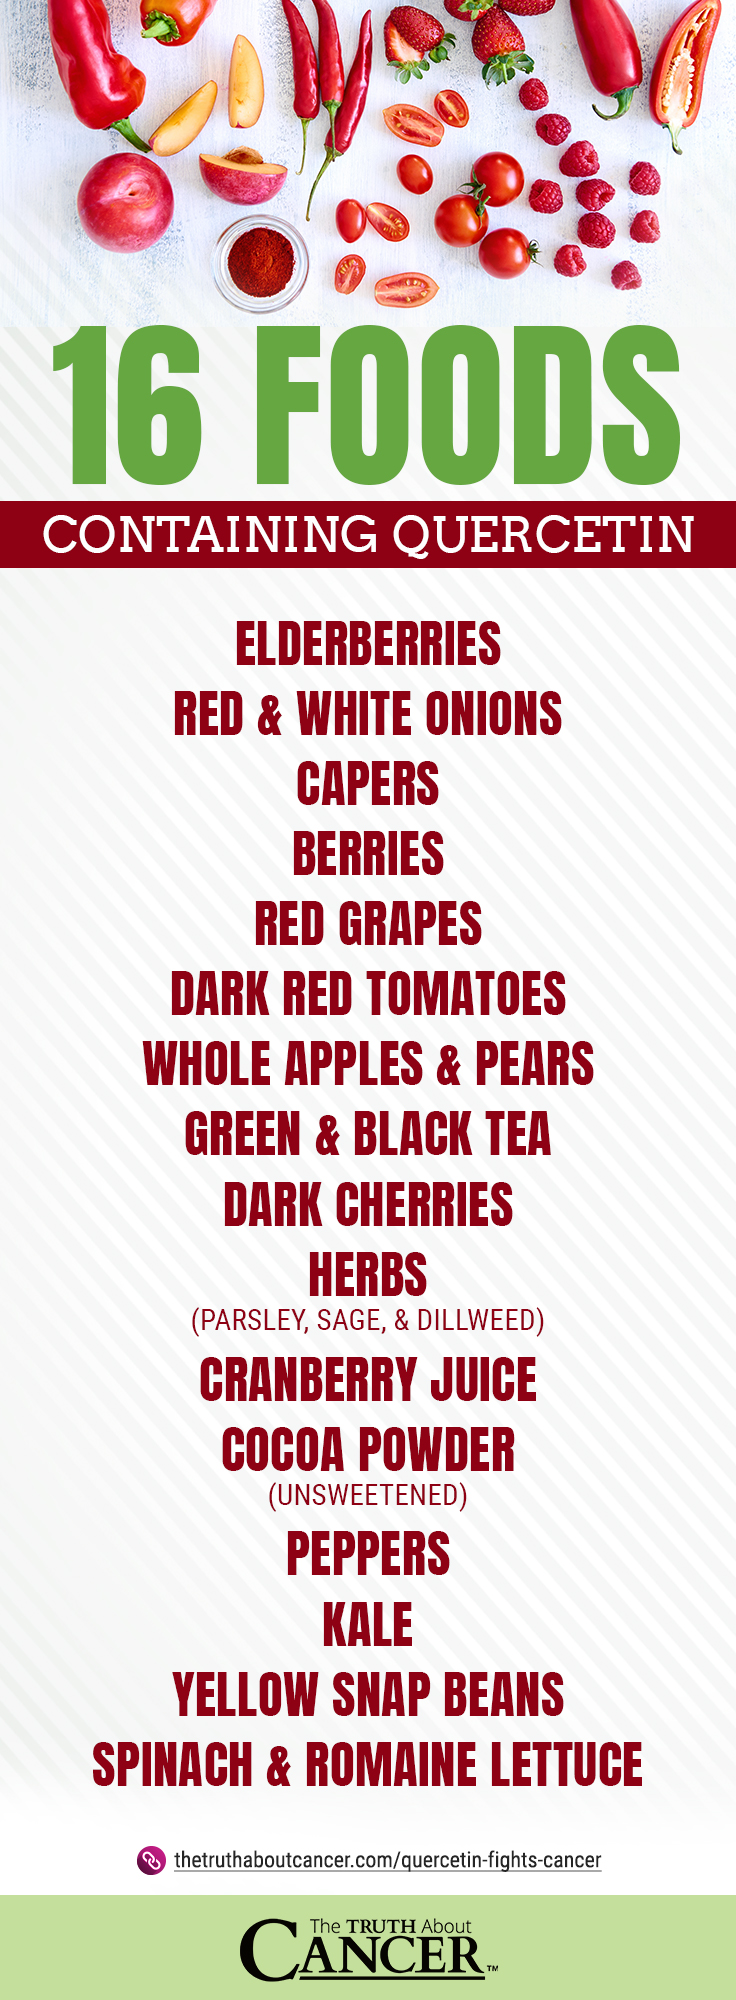 16 Foods Containing Quercetin